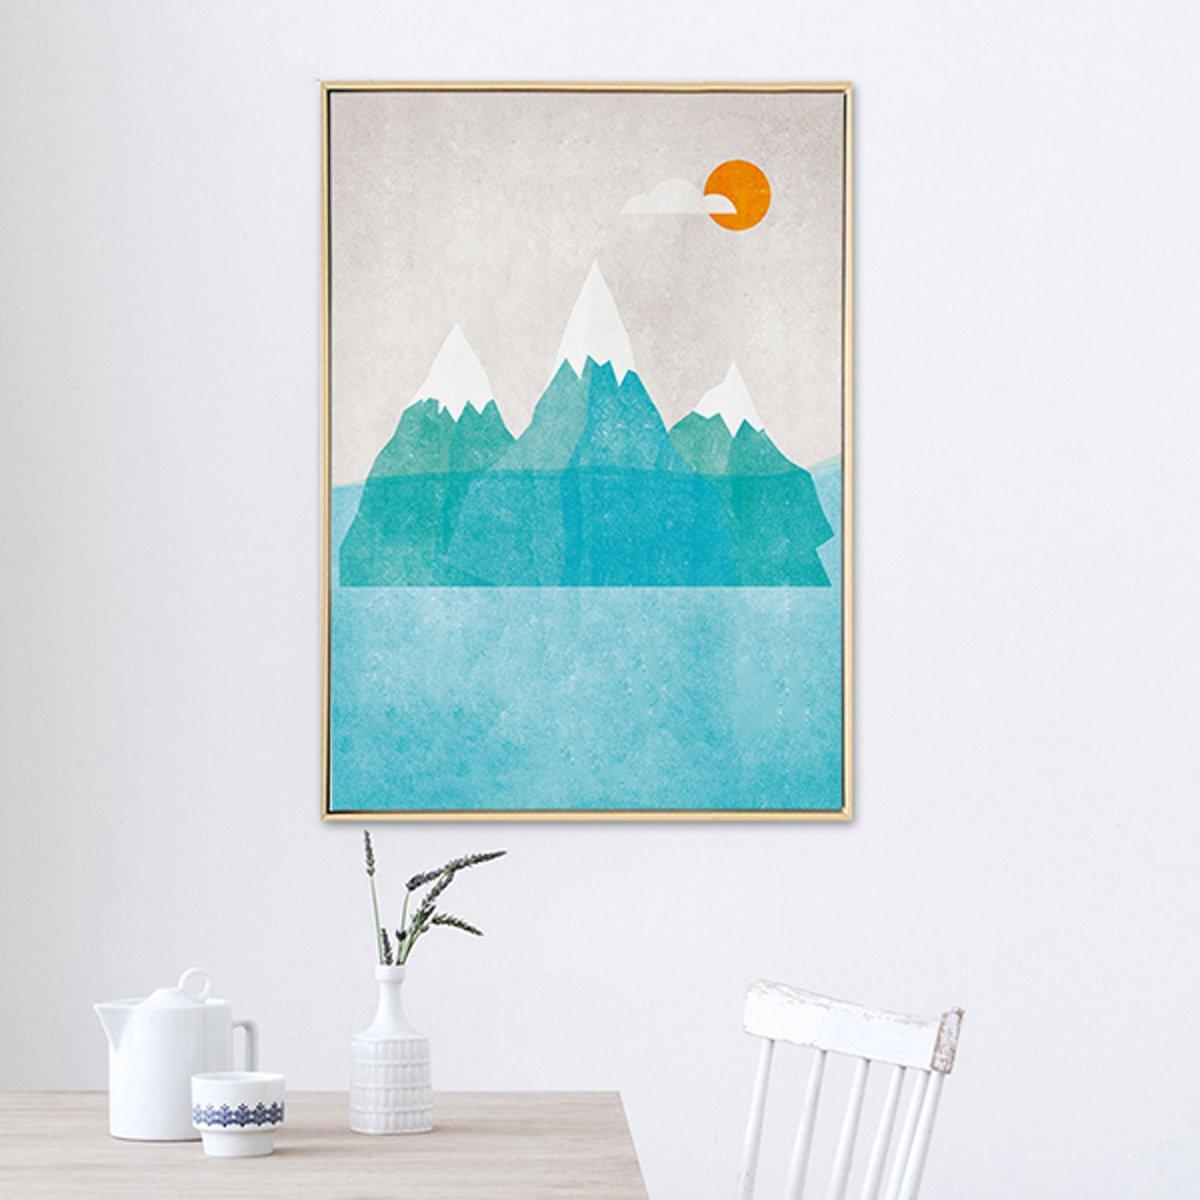 Postercity - Design Canvas Poster Gekleurde Berg Landschap / Kinderkamer / Muurdecoratie / 40 x 30cm / A3 kopen